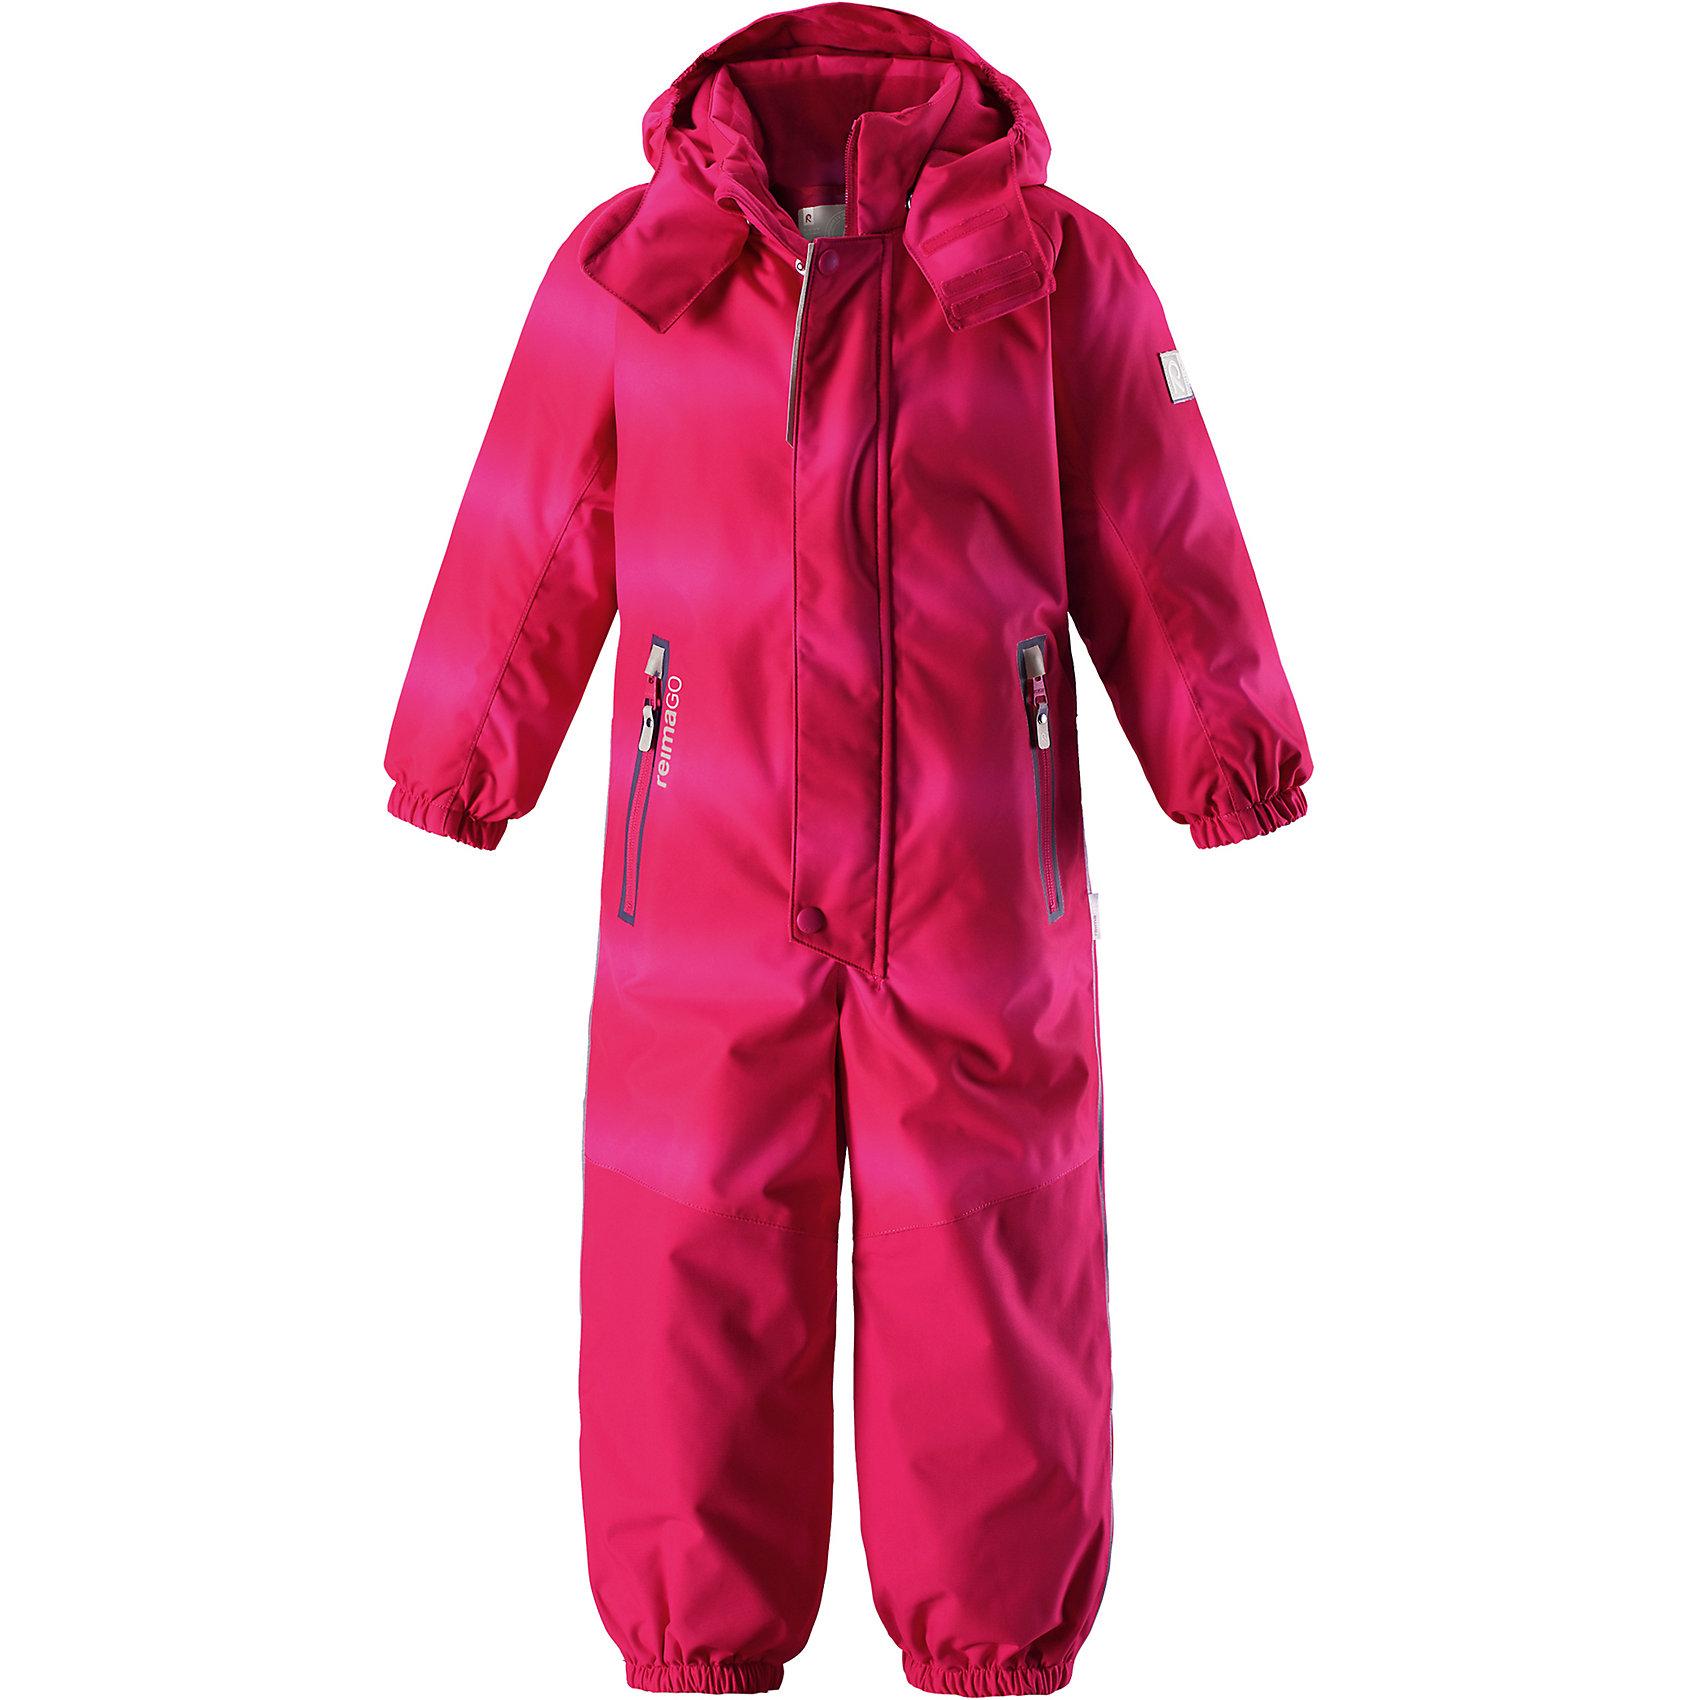 Комбинезон Tornio Reimatec® ReimaОдежда<br>Характеристики товара:<br><br>• цвет: розовый;<br>• состав: 100% полиэстер;<br>• утеплитель: 160 г/м2;<br>• сезон: зима;<br>• температурный режим: от 0 до -20С;<br>• водонепроницаемость: 15000/12000 мм;<br>• воздухопроницаемость: 7000/8000 мм;<br>• износостойкость: 40000/80000 циклов (тест Мартиндейла);<br>• водо и ветронепроницаемый, дышащий и грязеотталкивающий материал;<br>• все швы проклеены и водонепроницаемы;<br>• прочные усиленные вставки сзади, на коленях и снизу на ногах;<br>• застежка: молния с дополнительной планкой на кнопках;<br>• защита подбородка от защемления;<br>• гладкая подкладка из полиэстера;<br>• безопасный, съемный и регулируемый капюшон;<br>• эластичные манжеты;<br>• внутренняя регулировка обхвата талии;<br>• эластичный пояс сзади;<br>• длина брюк регулируется с помощью кнопок;<br>• прочные съемные силиконовые штрипки;<br>• два кармана на молнии;<br>• карман с креплением для сенсора ReimaGO;<br>• светоотражающие элементы;<br>• страна бренда: Финляндия;<br>• страна производства: Китай.<br><br>Зимний непромокаемый комбинезон Reimatec® с полностью проклеенными швами. Суперпрочные усиления на задней части, коленях и концах брючин. Комбинезон снабжен гладкой подкладкой из полиэстера, талия при необходимости легко регулируется, что позволяет подогнать комбинезон точно по фигуре. А еще он снабжен эластичным пояском сзади, эластичными манжетами на рукавах и концах брючин, которые регулируются застежкой на кнопках. <br><br>Съемный и регулируемый капюшон защищает от пронизывающего ветра, а еще он безопасен во время игр на свежем воздухе. Кнопки легко отстегиваются, если капюшон случайно за что-нибудь зацепится. Съемные силиконовые штрипки не дают концам брючин задираться. Два кармана на молнии и специальный карман для сенсора ReimaGO®. Материал имеет грязеотталкивающую поверхность, и при этом его можно сушить в сушильной машине.<br><br>Комбинезон Tornio Reimatec® Reima (Рейма) можно купить в нашем интернет-маг